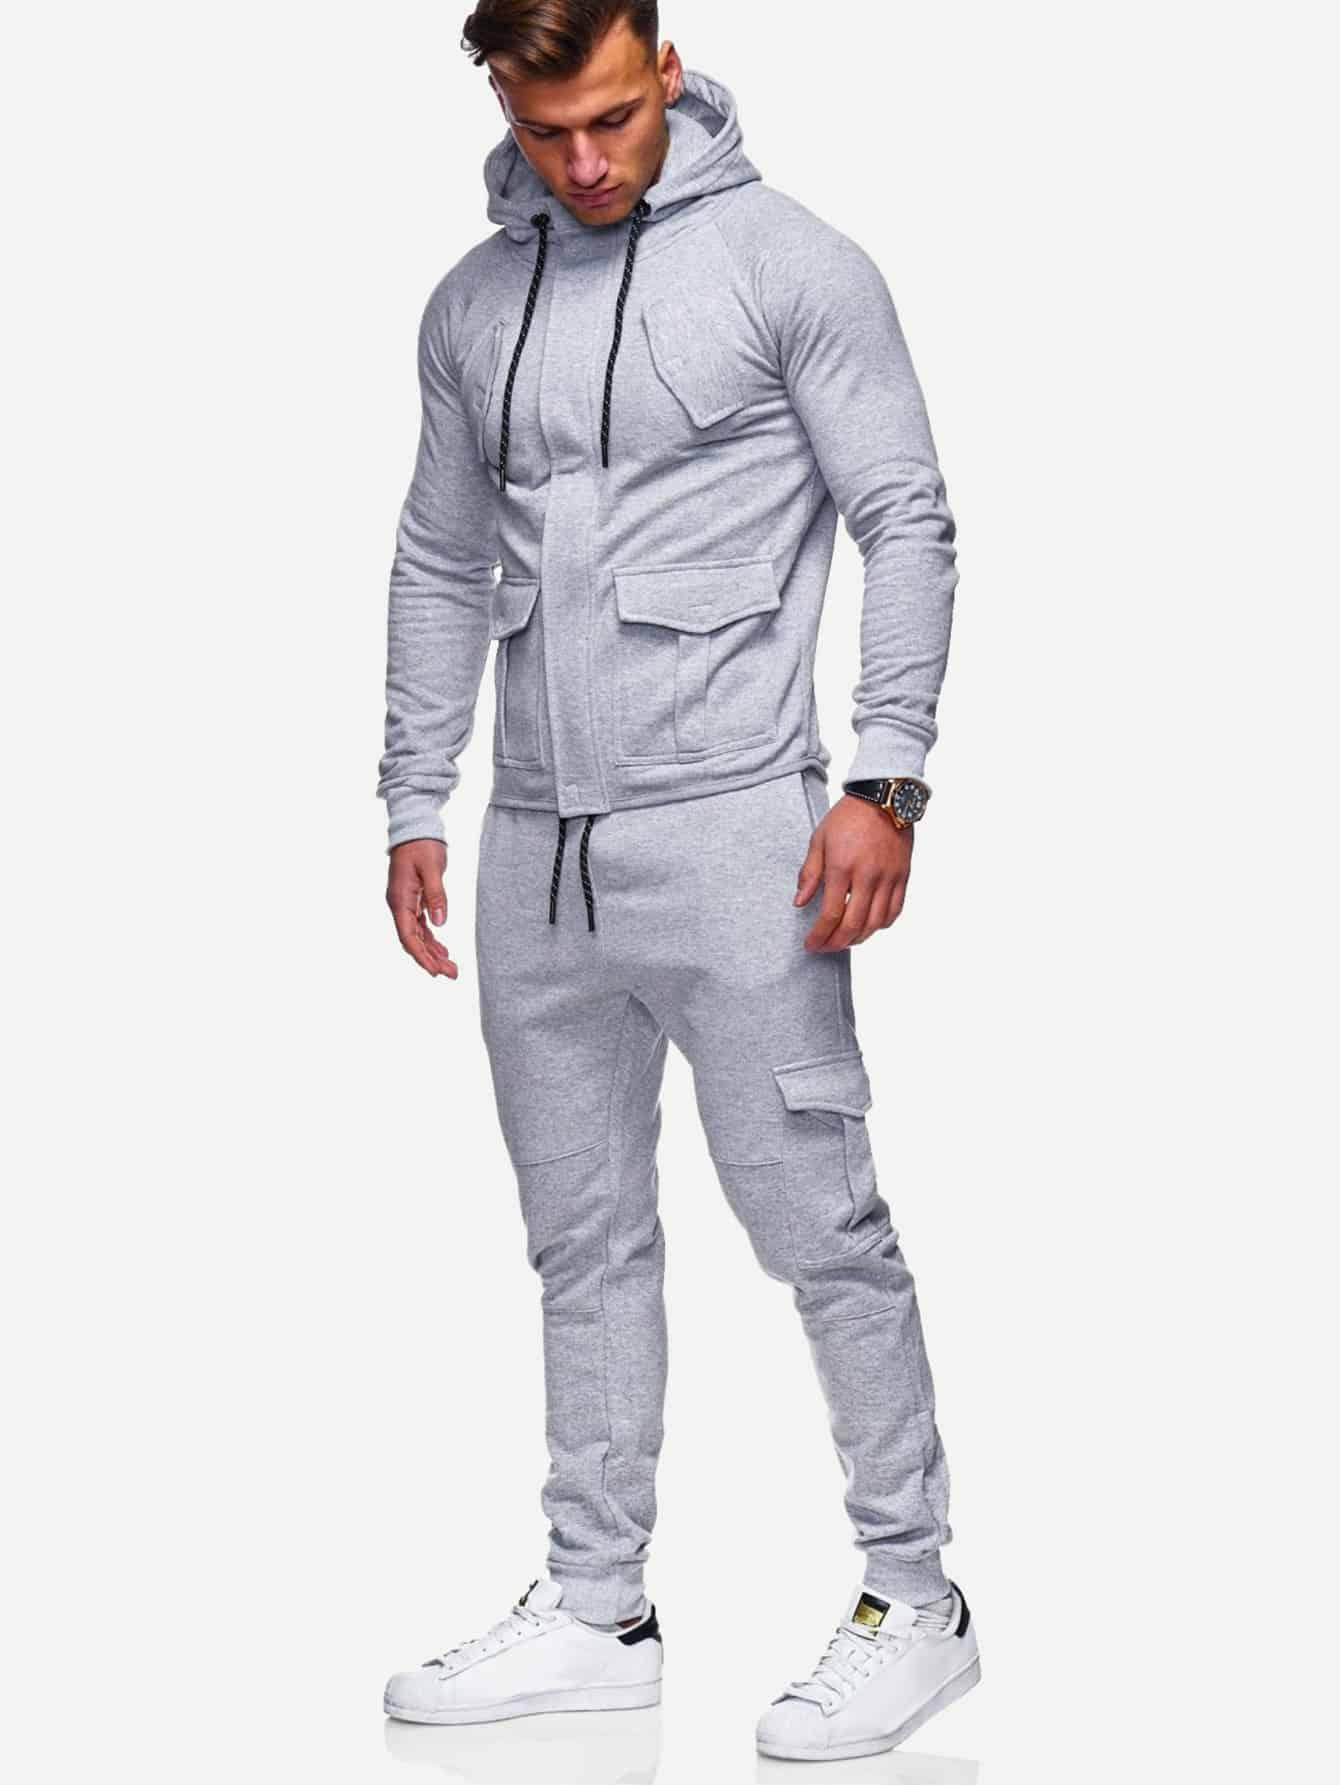 Простая ветровка с капюшоном и брюки с кулиской для мужчины от SheIn